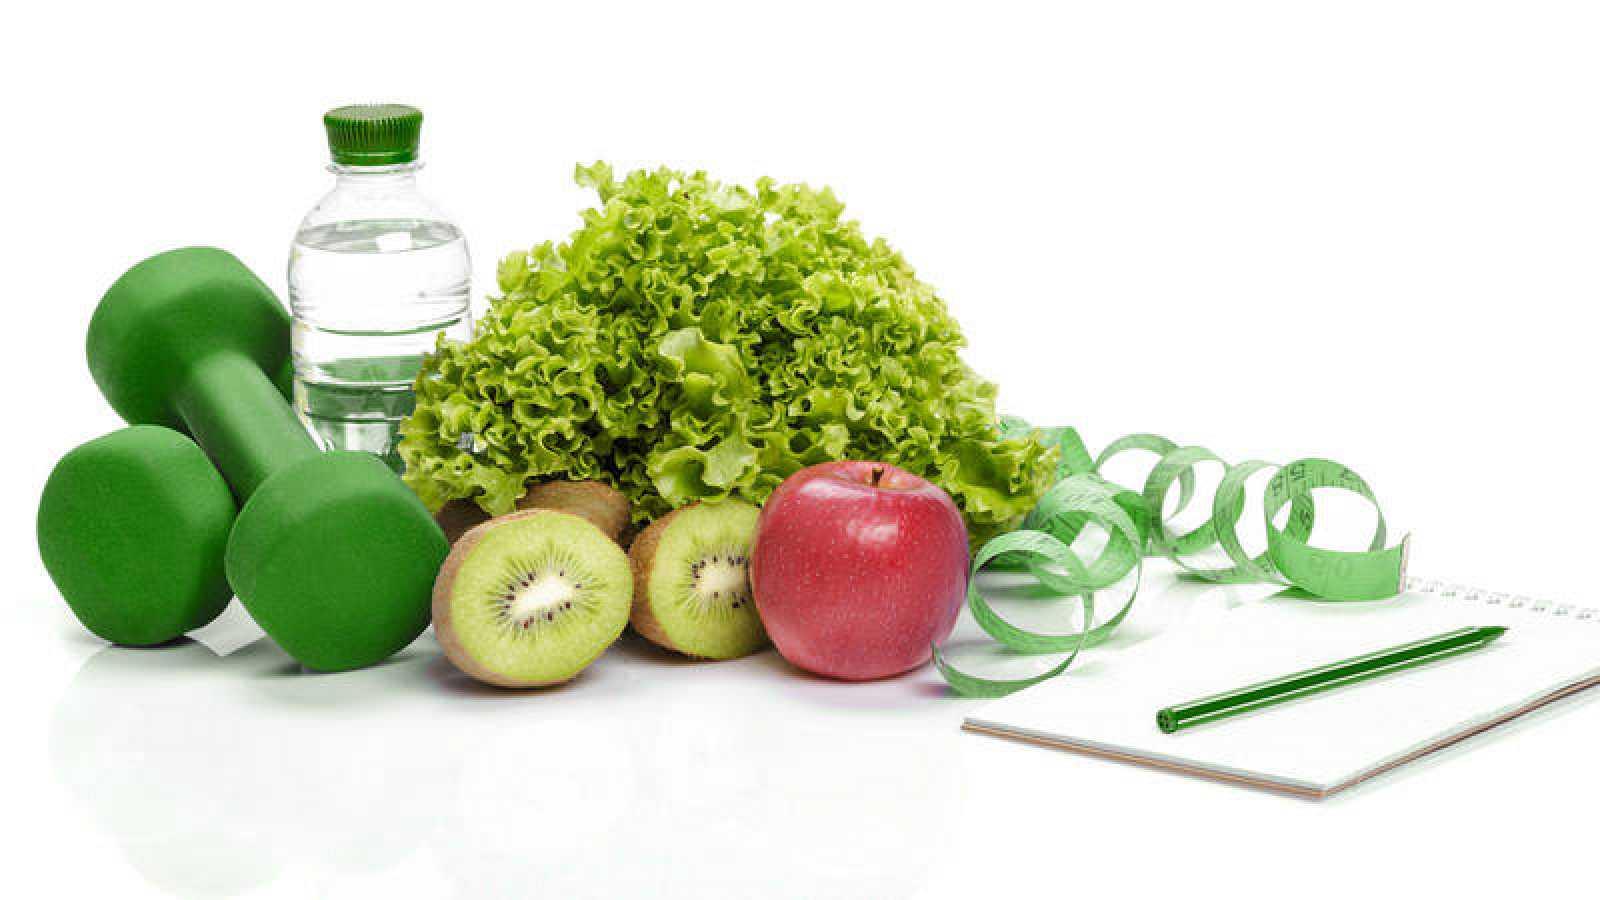 Un Estilo De Vida Saludable Reduce El Riesgo De Cáncer De